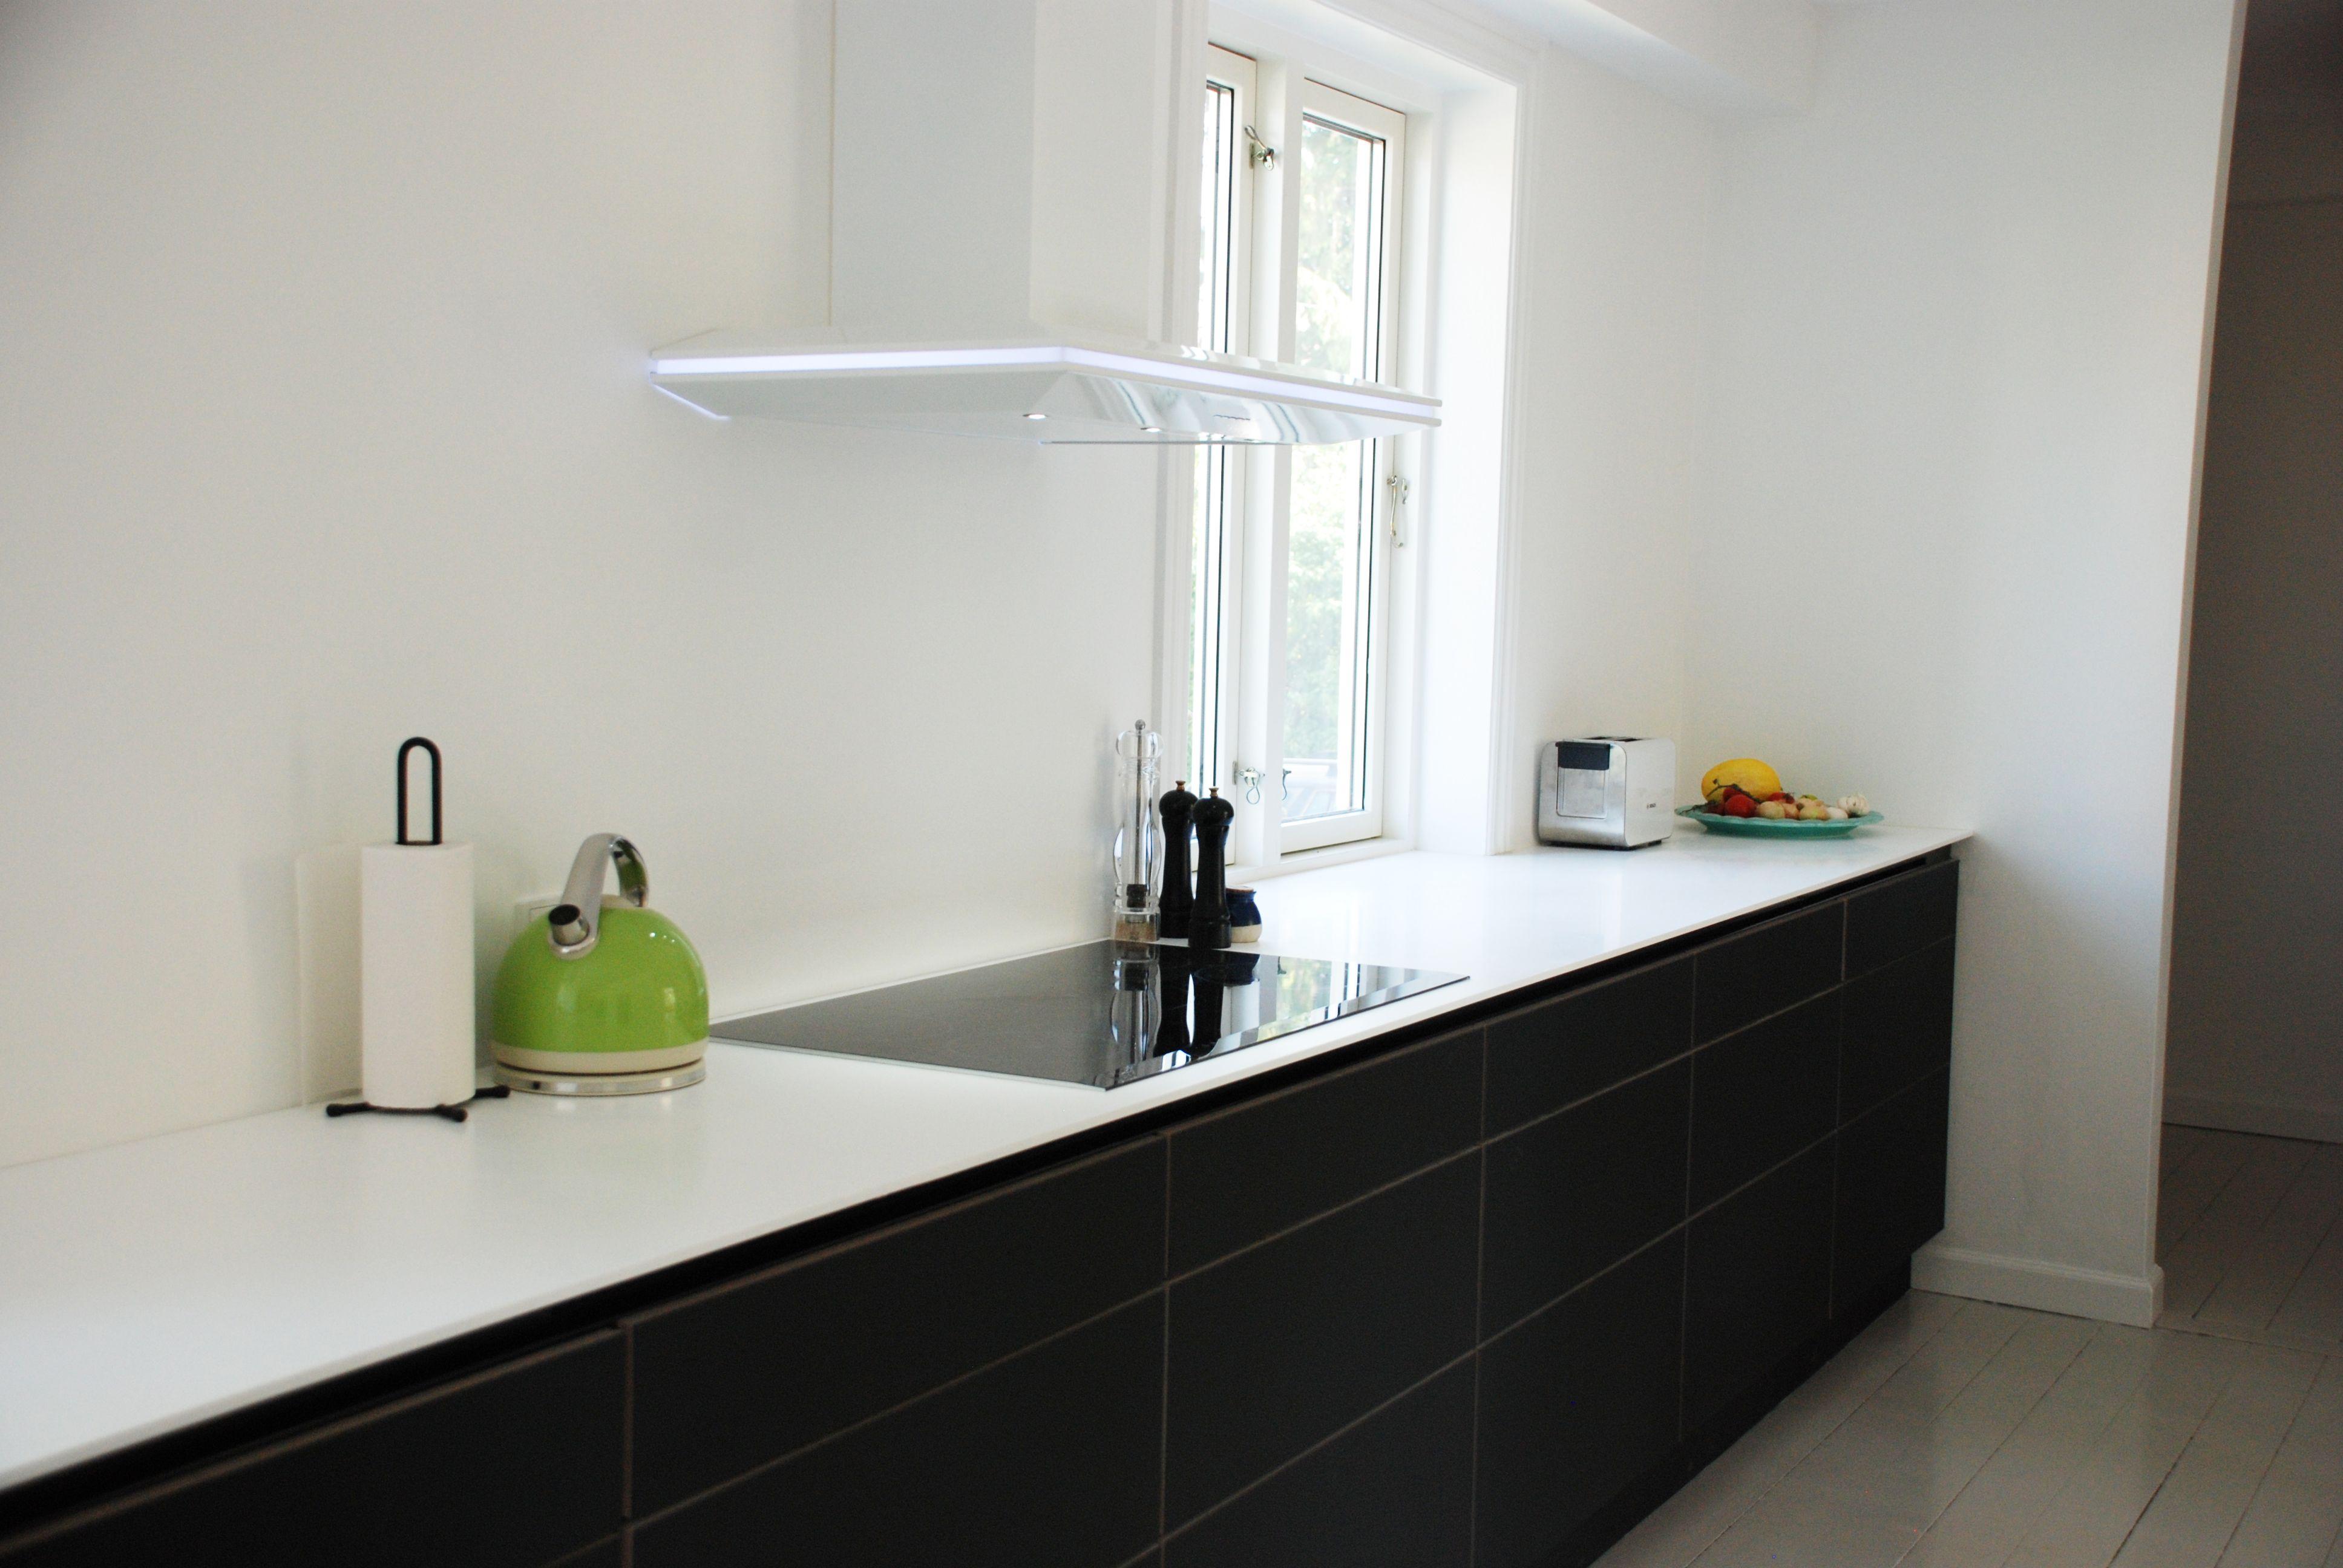 Kolon   #køkken #køkkenskab #køkkenskuffe #overflade #sort #forbo ...